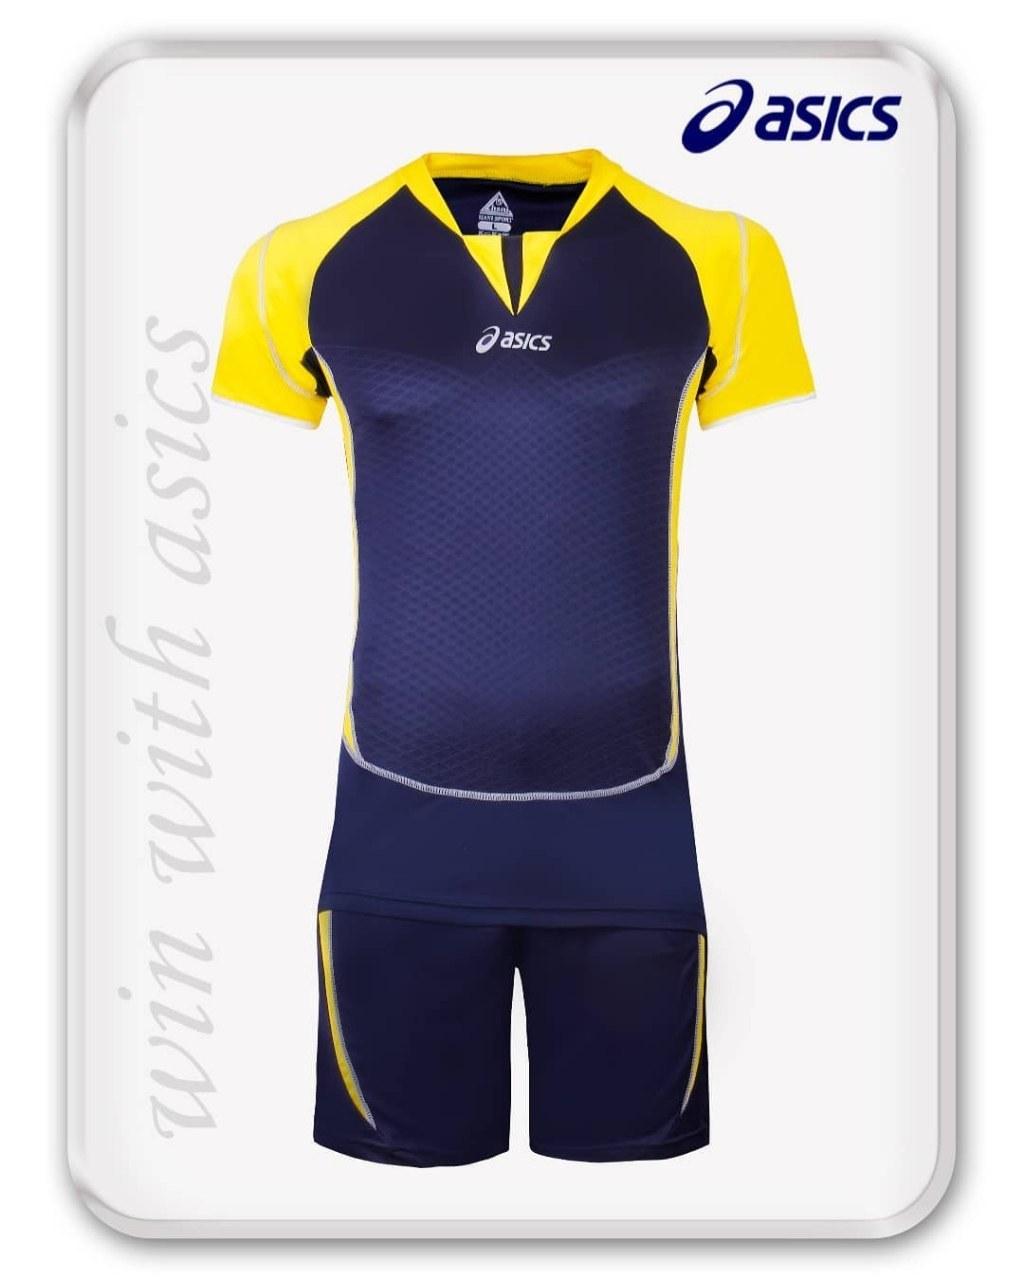 پیراهن و شرت تمرینی والیبال آسیکس